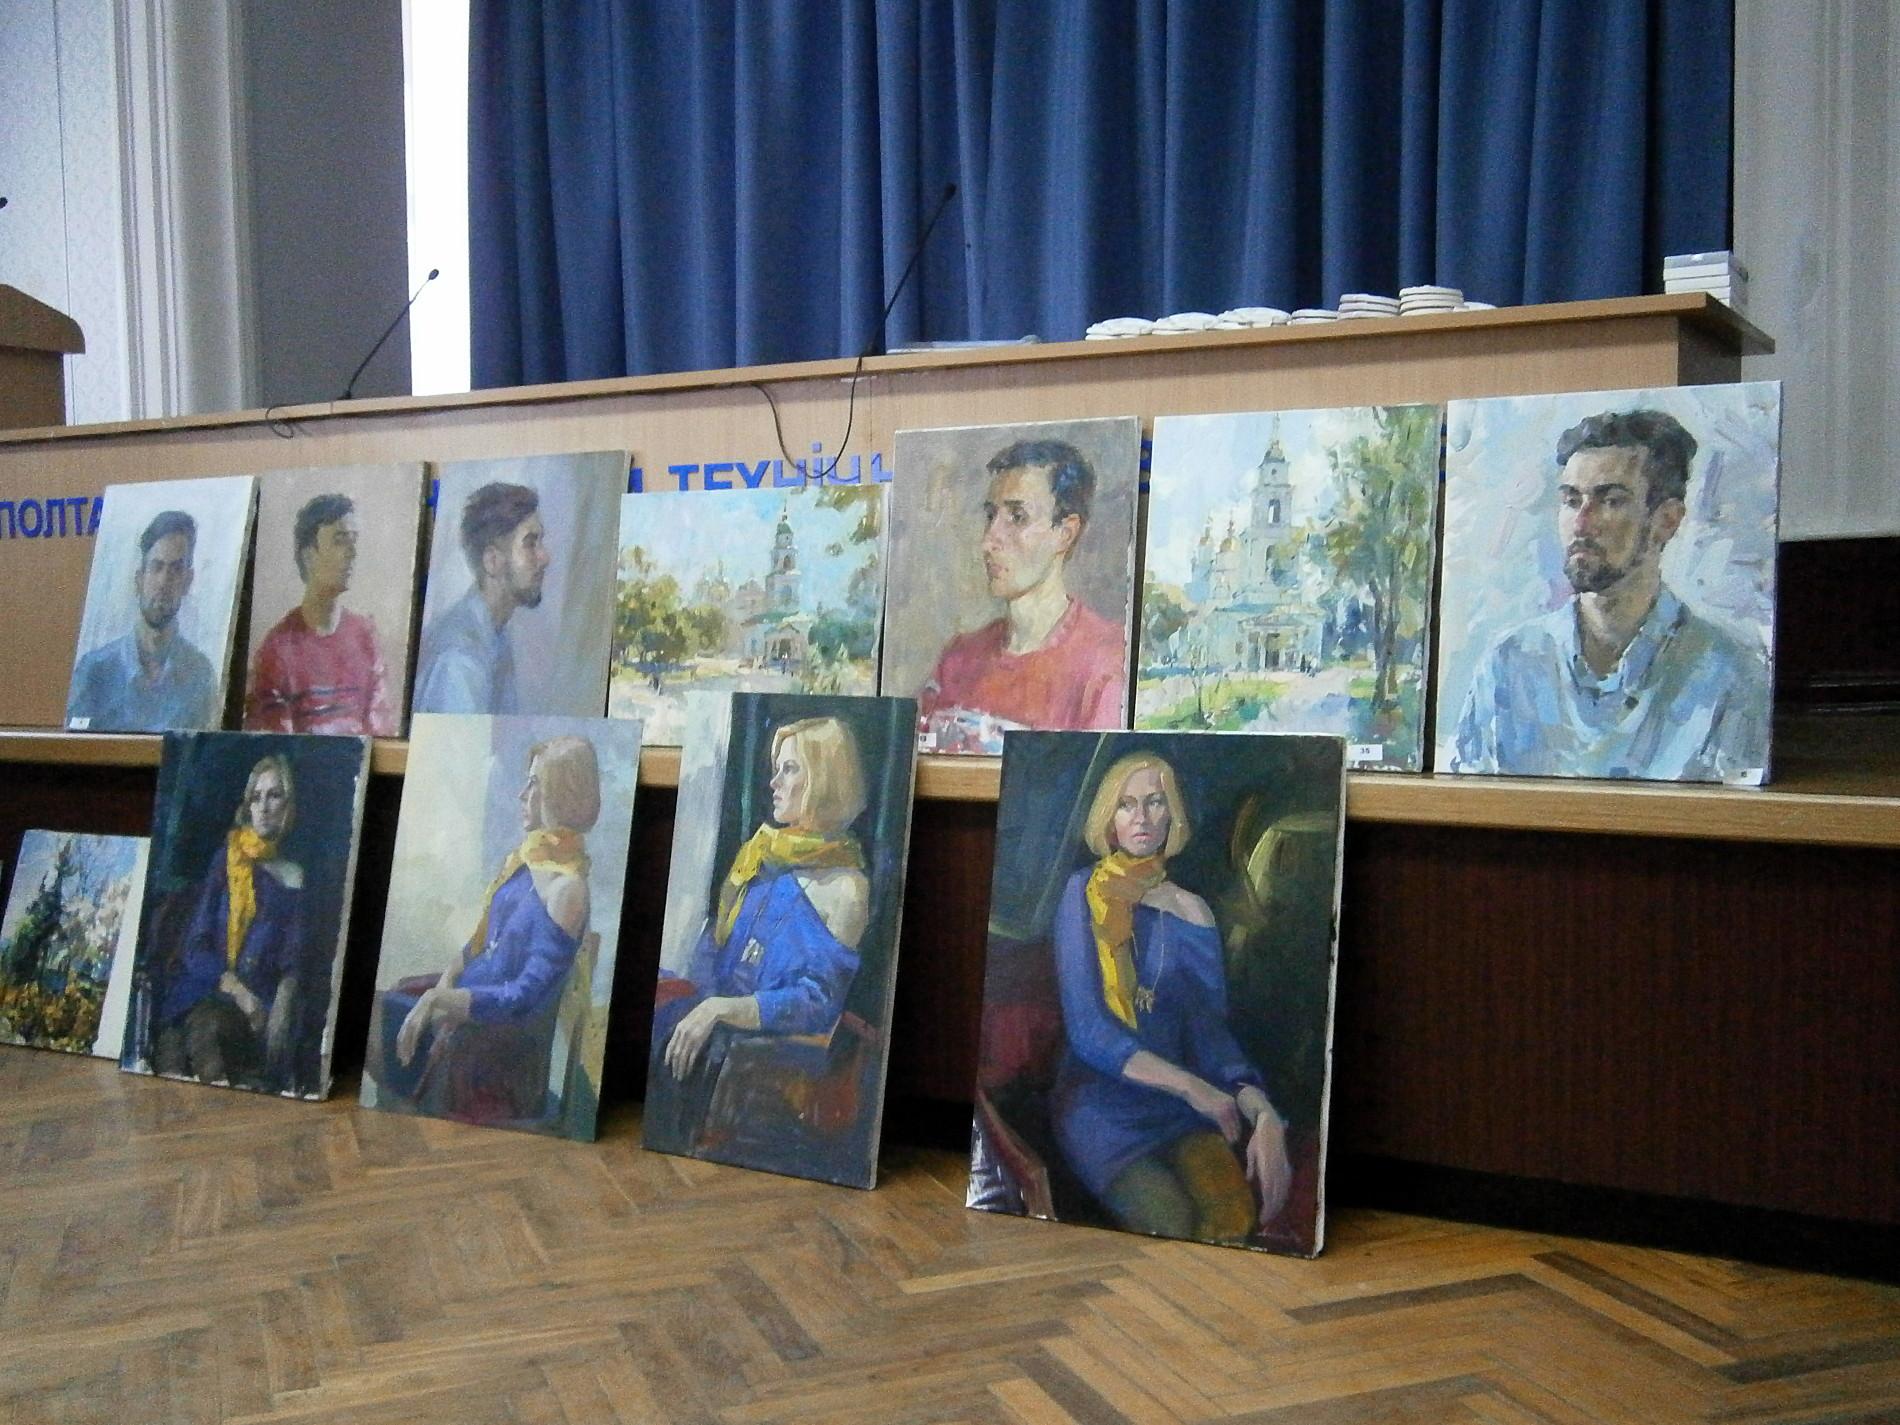 ІІ етап І туру Студентської олімпіади з образотворчого мистецтва (живопис) та майстер-клас 2018